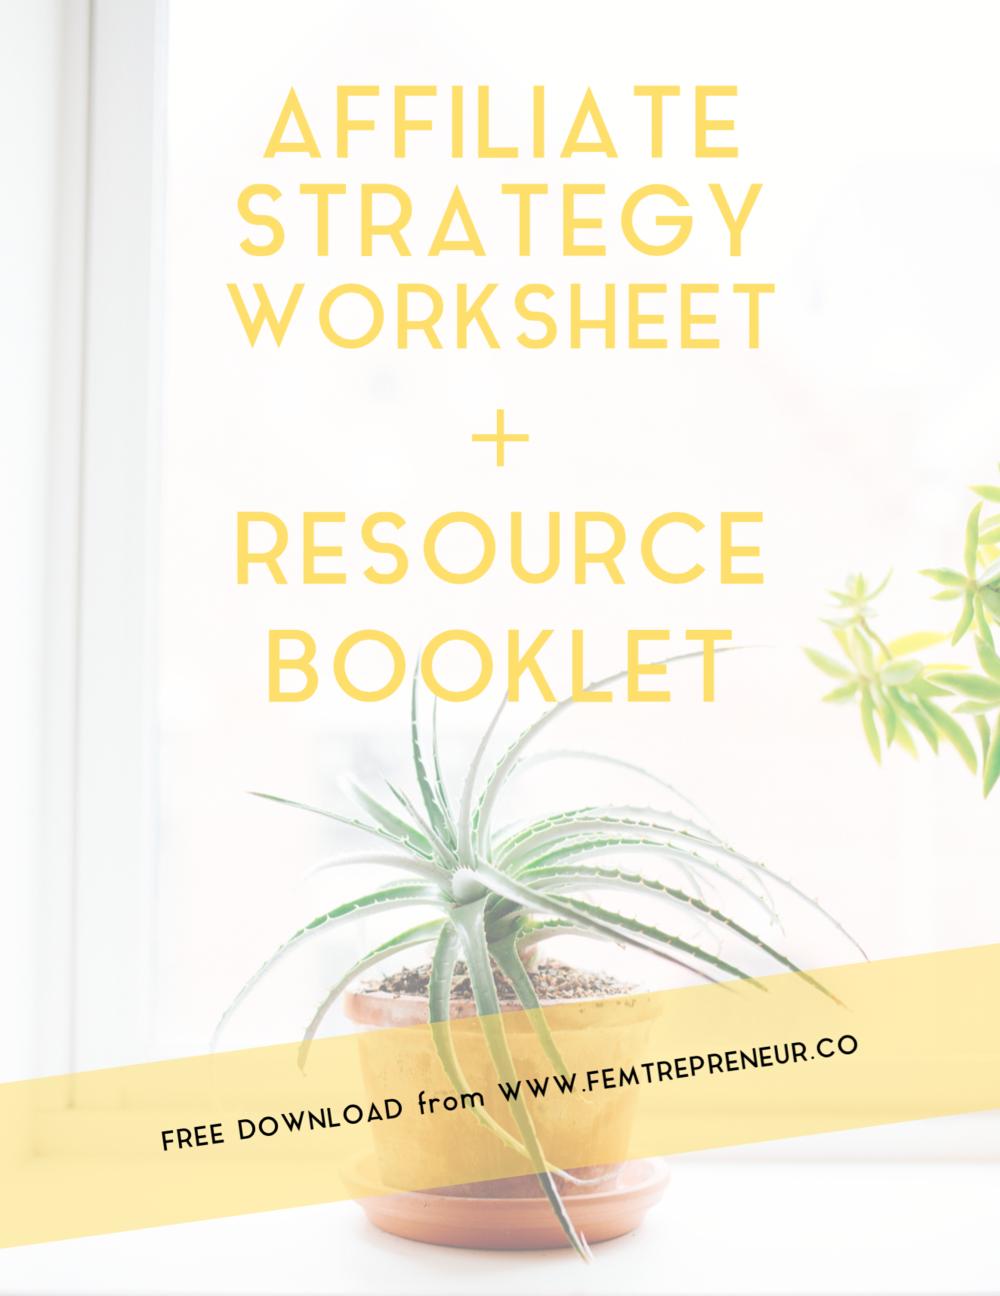 affiliatestrategyworksheetcover.jpg